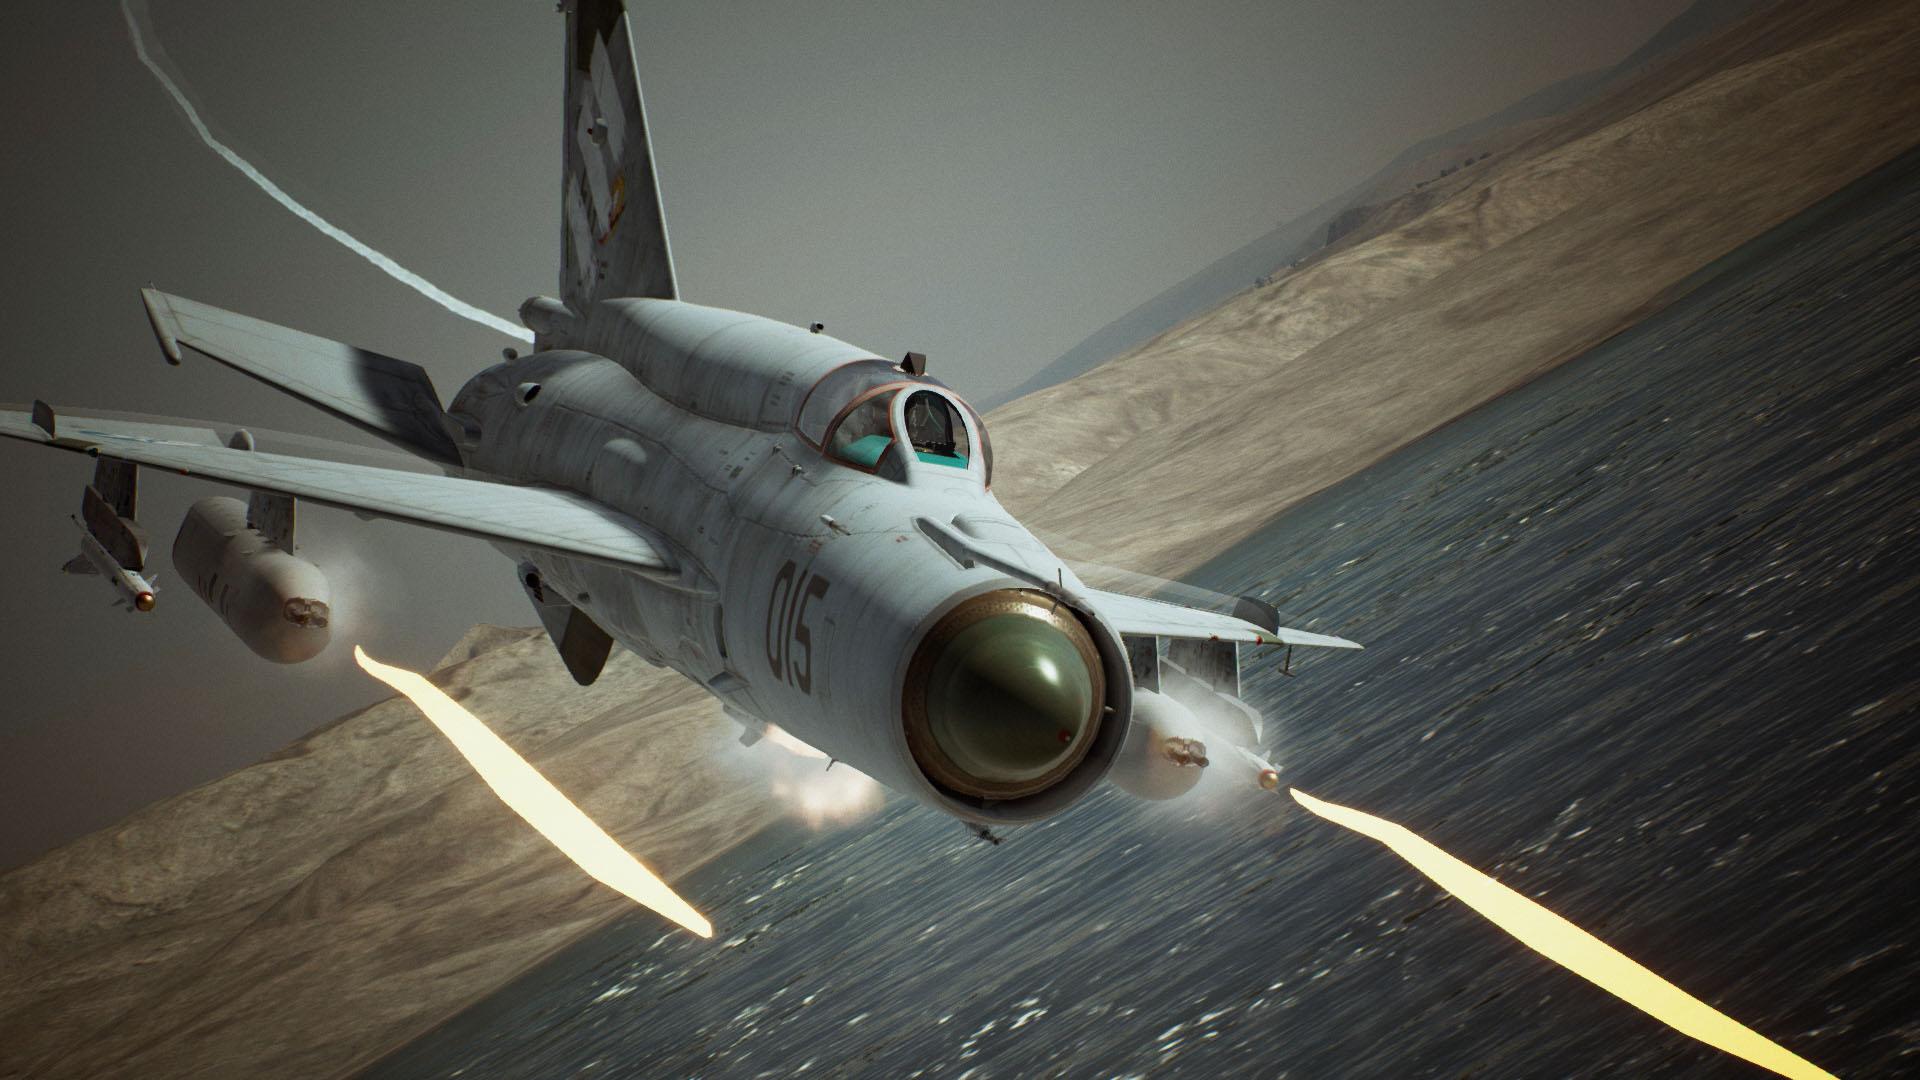 بازی The Ace Combat 7: Skies Unknown به ۵۰ ساعت زمان برای اتمام نیاز دارد